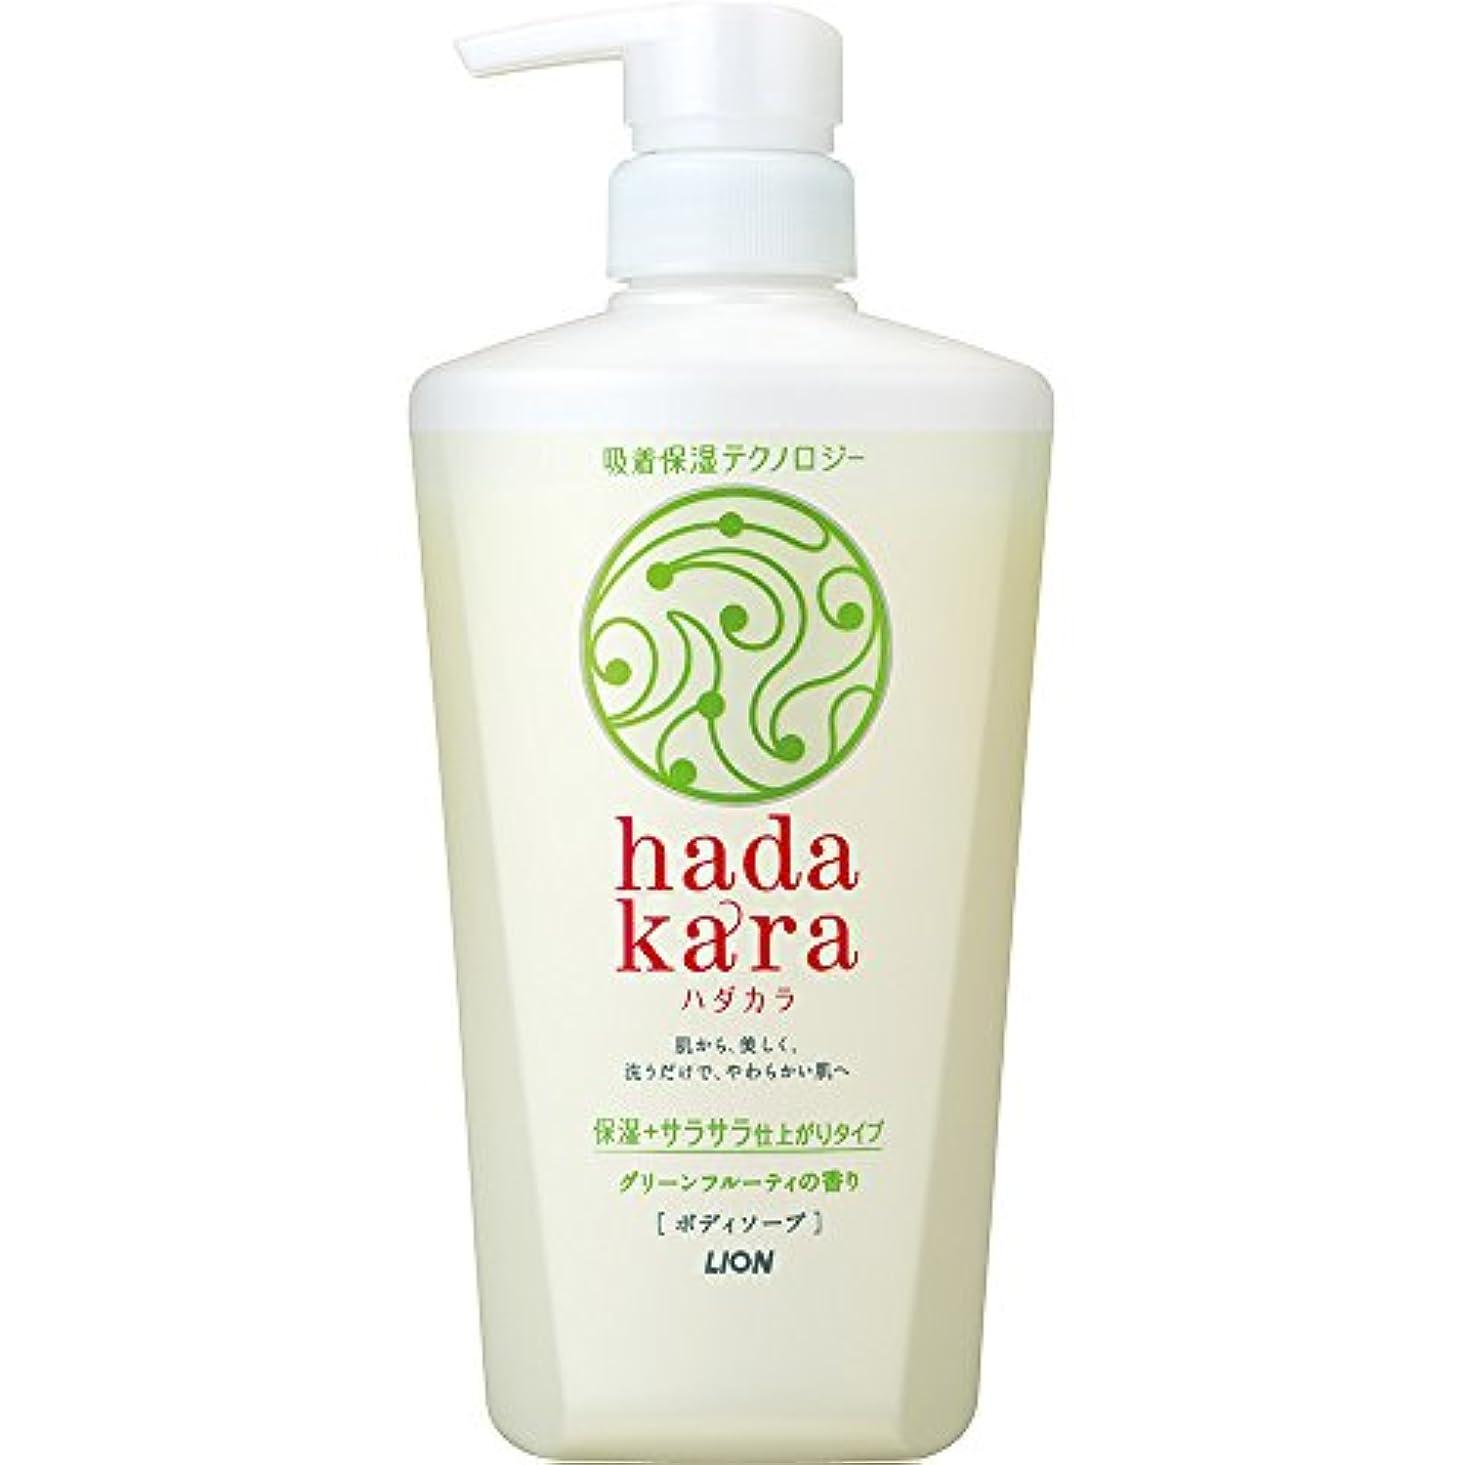 染色関与するベジタリアンhadakara(ハダカラ) ボディソープ 保湿+サラサラ仕上がりタイプ グリーンフルーティの香り 本体 480ml